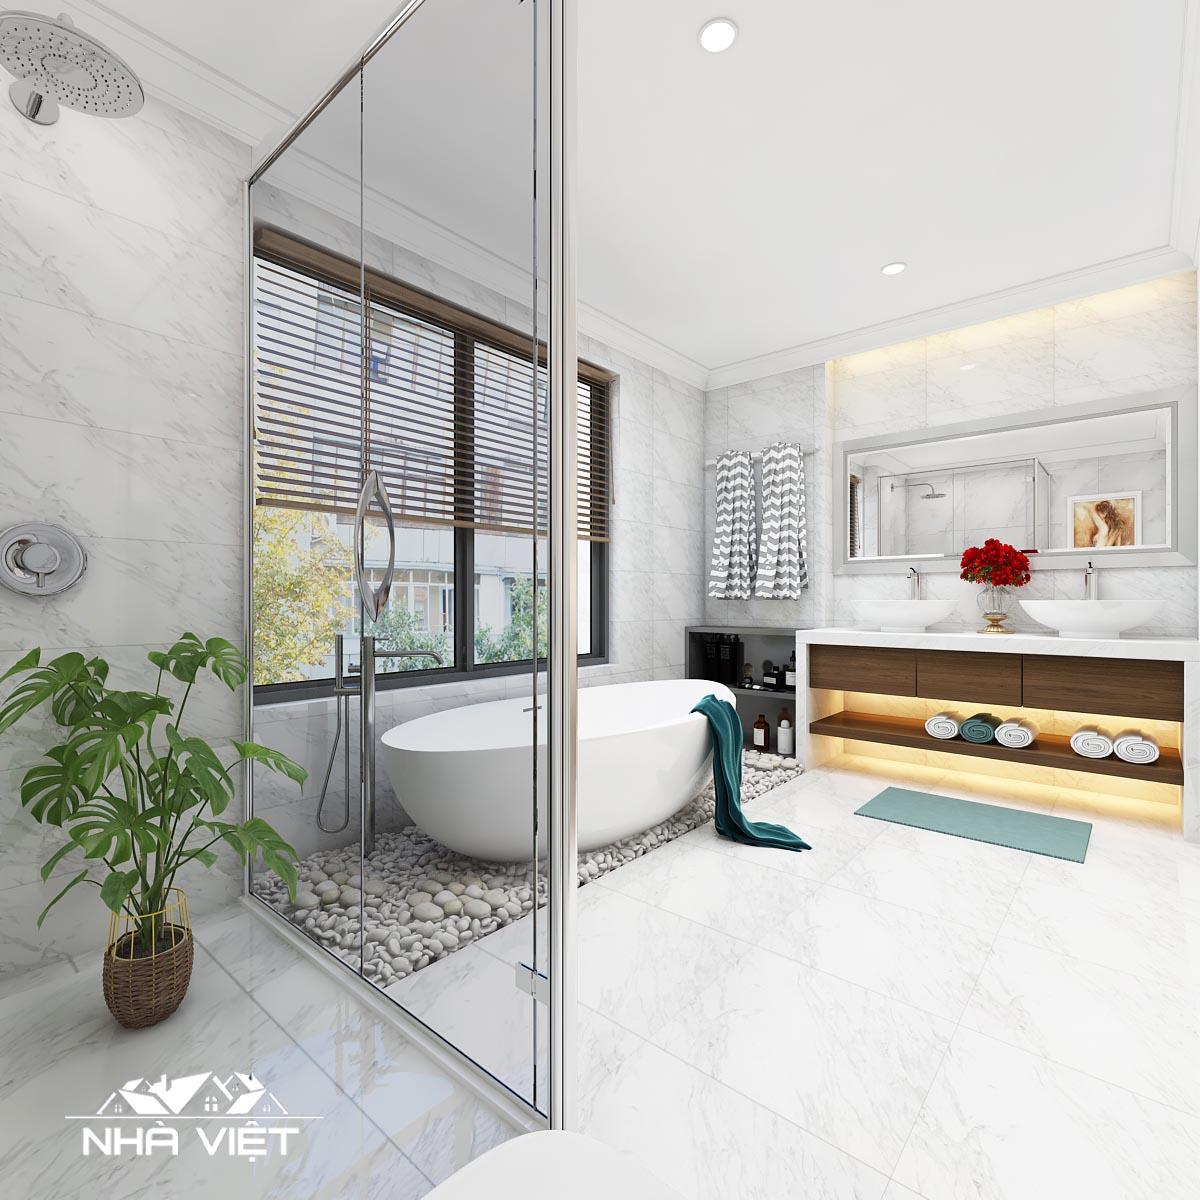 Mẹo giúp không gian vệ sinh luôn sạch sẽ thơm tho mà không cần dọn dẹp nhiều